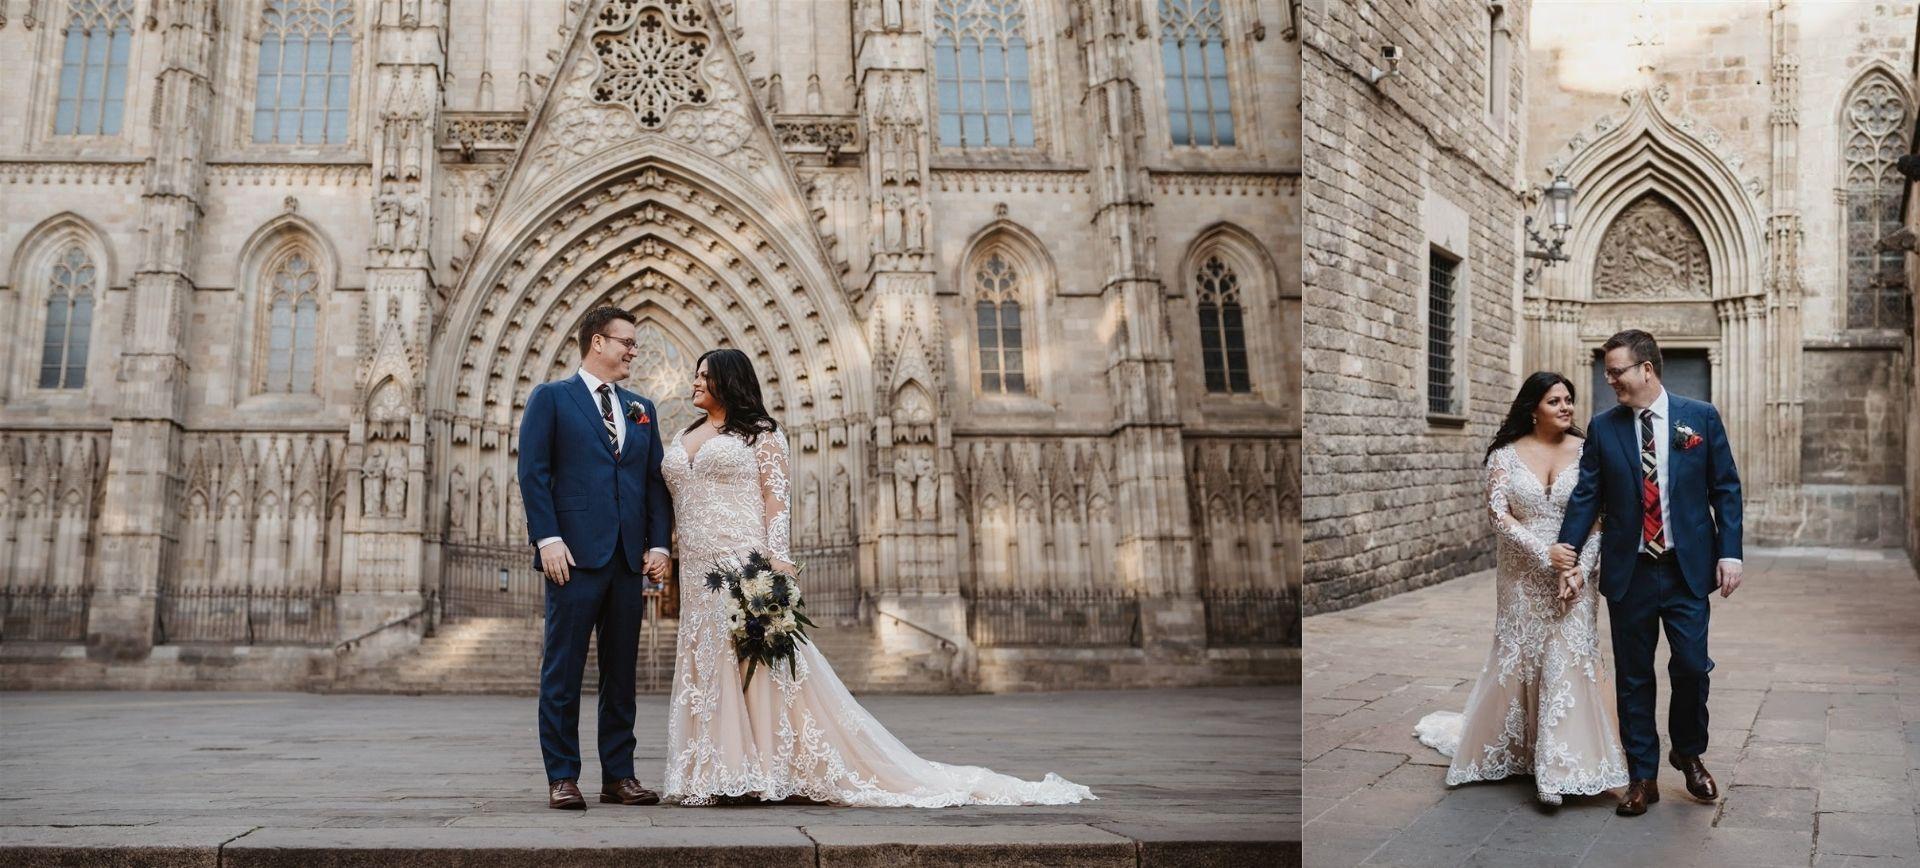 Barcelona Elopement Package - Gothic Quater & Parc de la Ciutadella Wedding